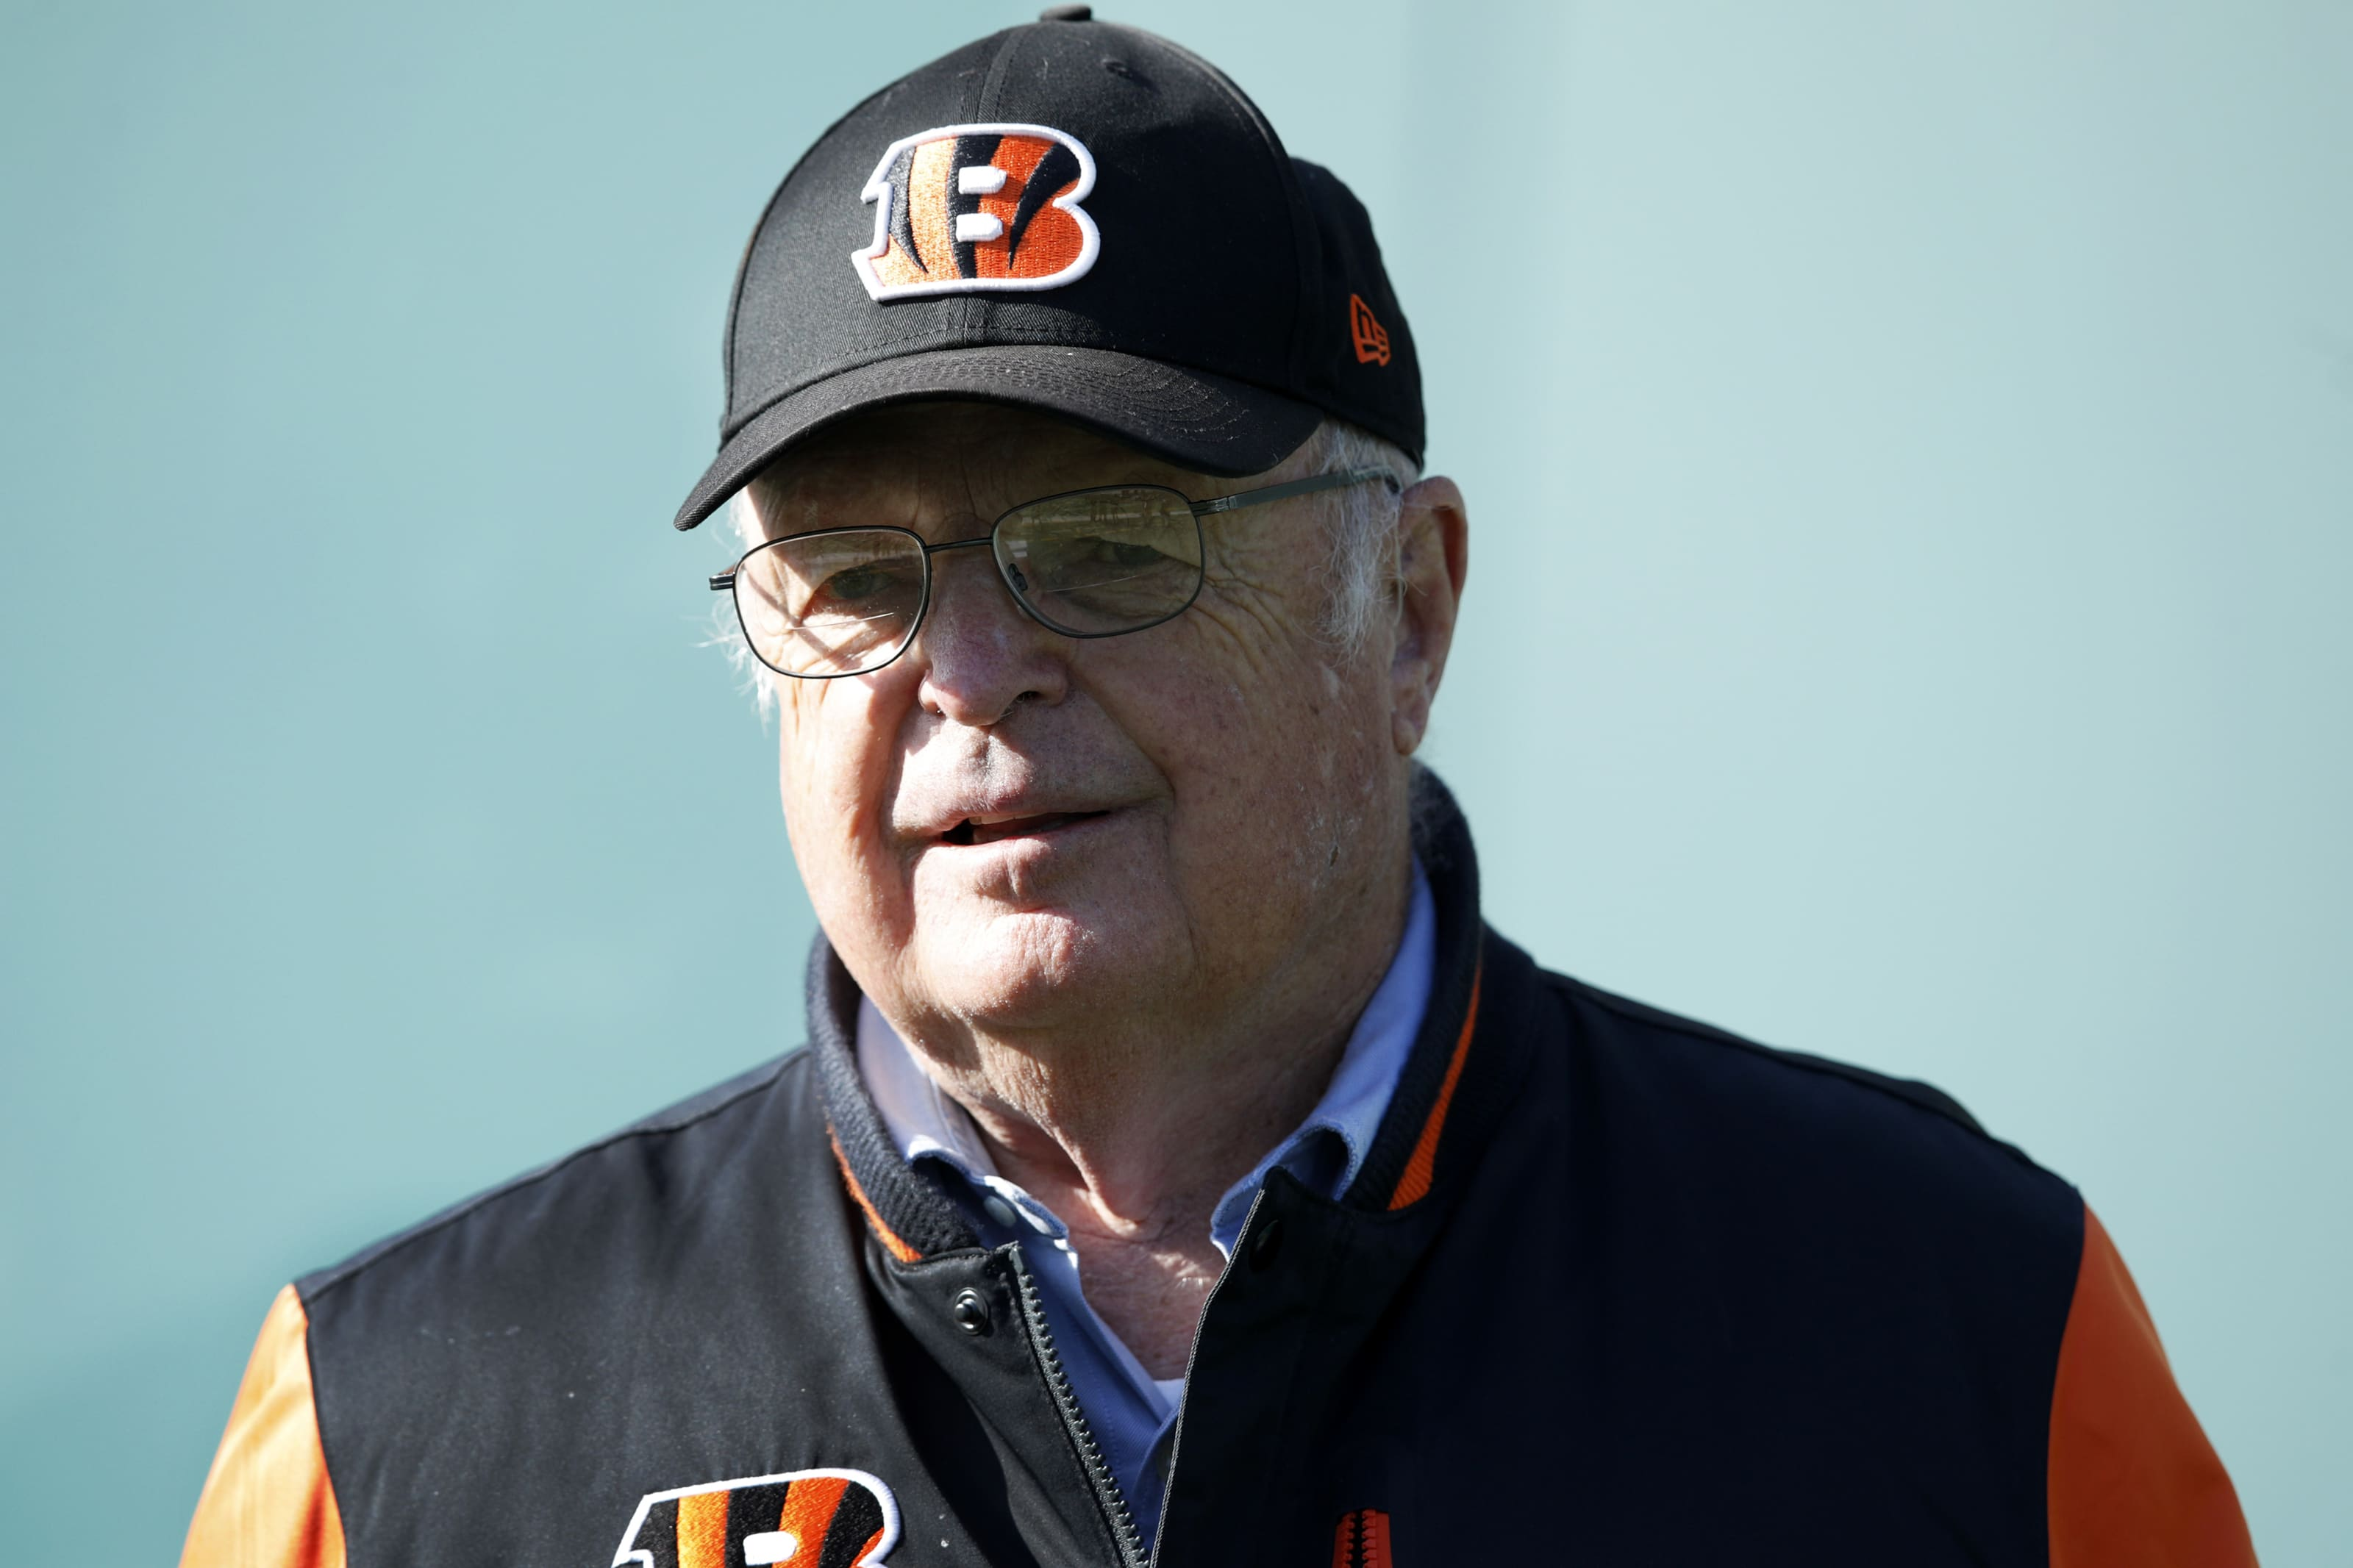 Mike Brown, Cincinnati Bengals